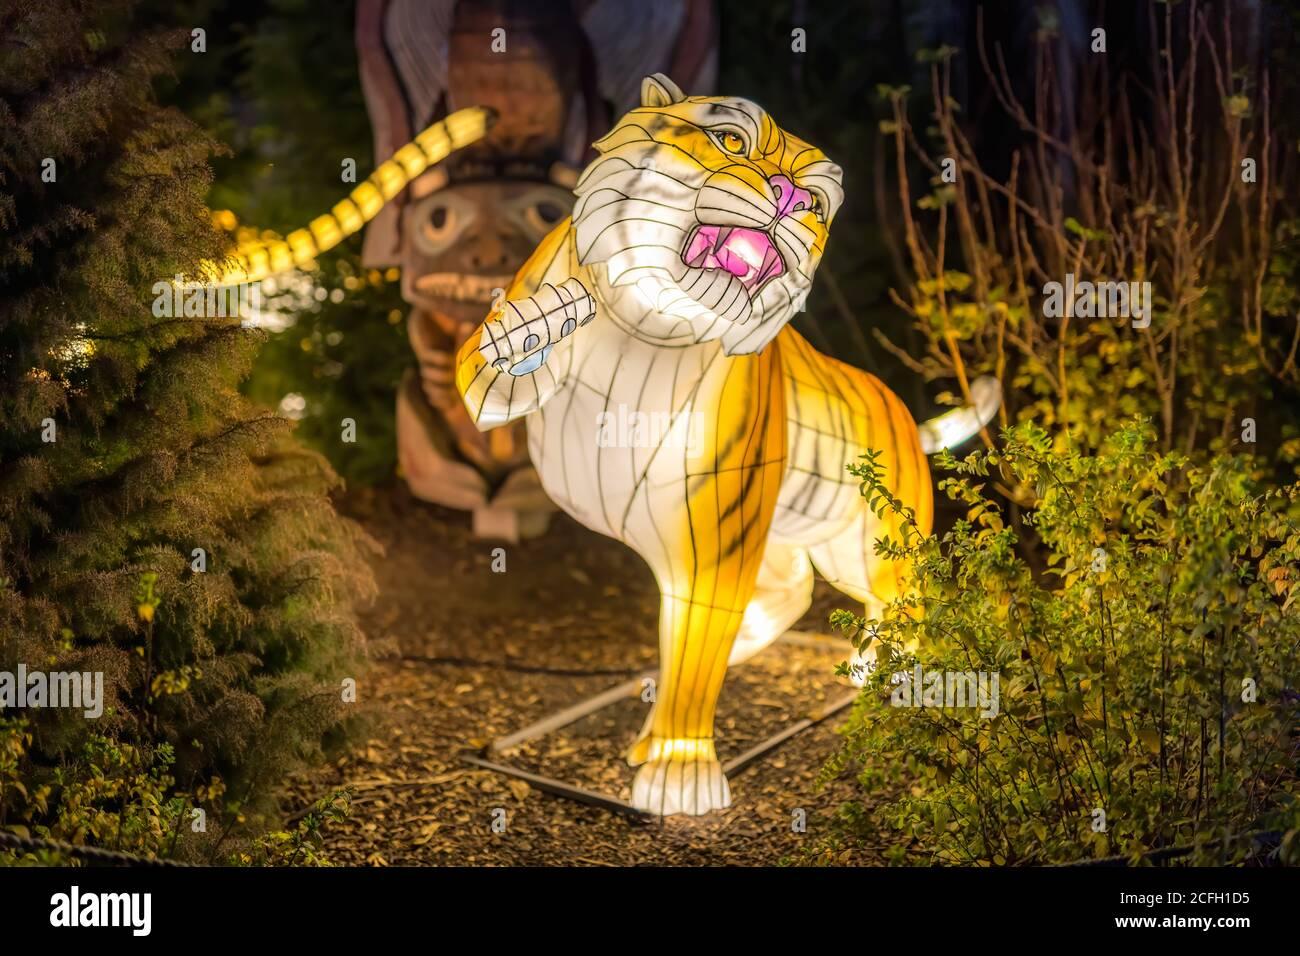 Dublín, Irlanda, noviembre de 2018 luces salvajes en el zoo de Dublín. Muestra de luz de animales africanos Foto de stock